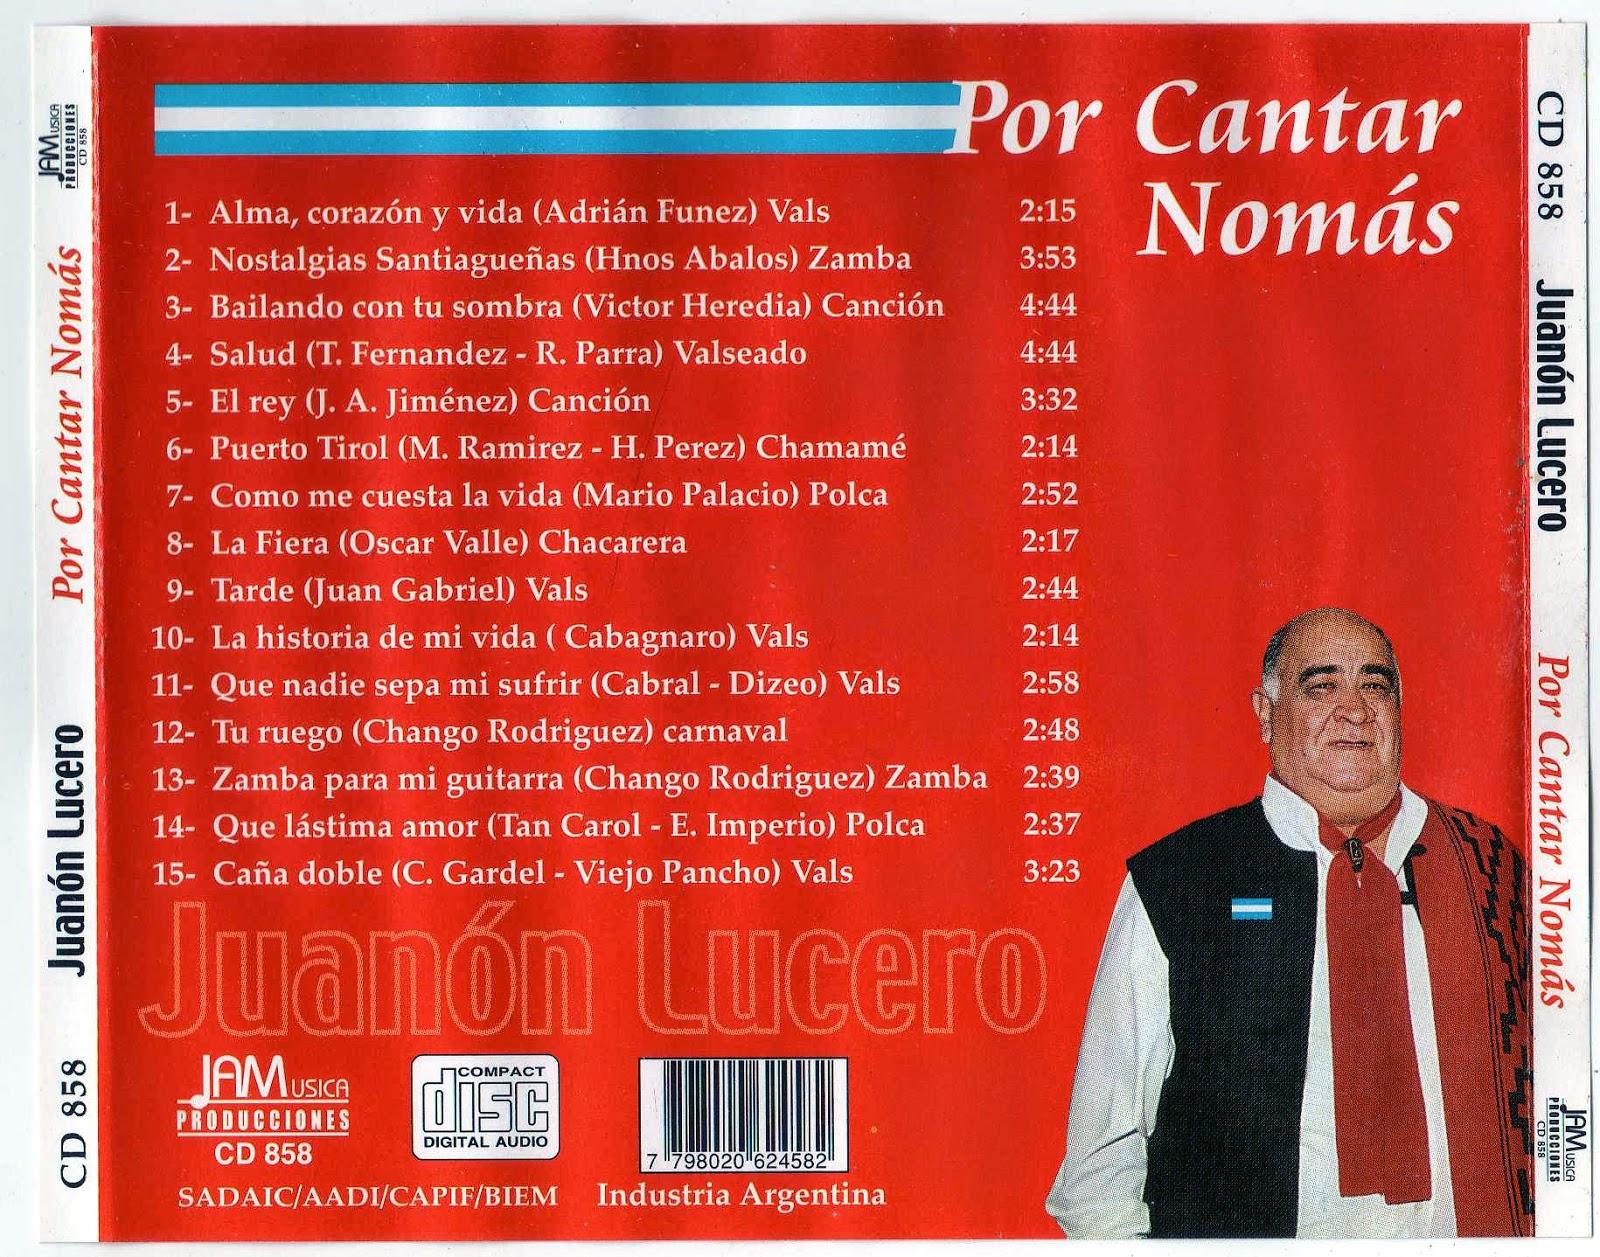 discografia juanon lucero